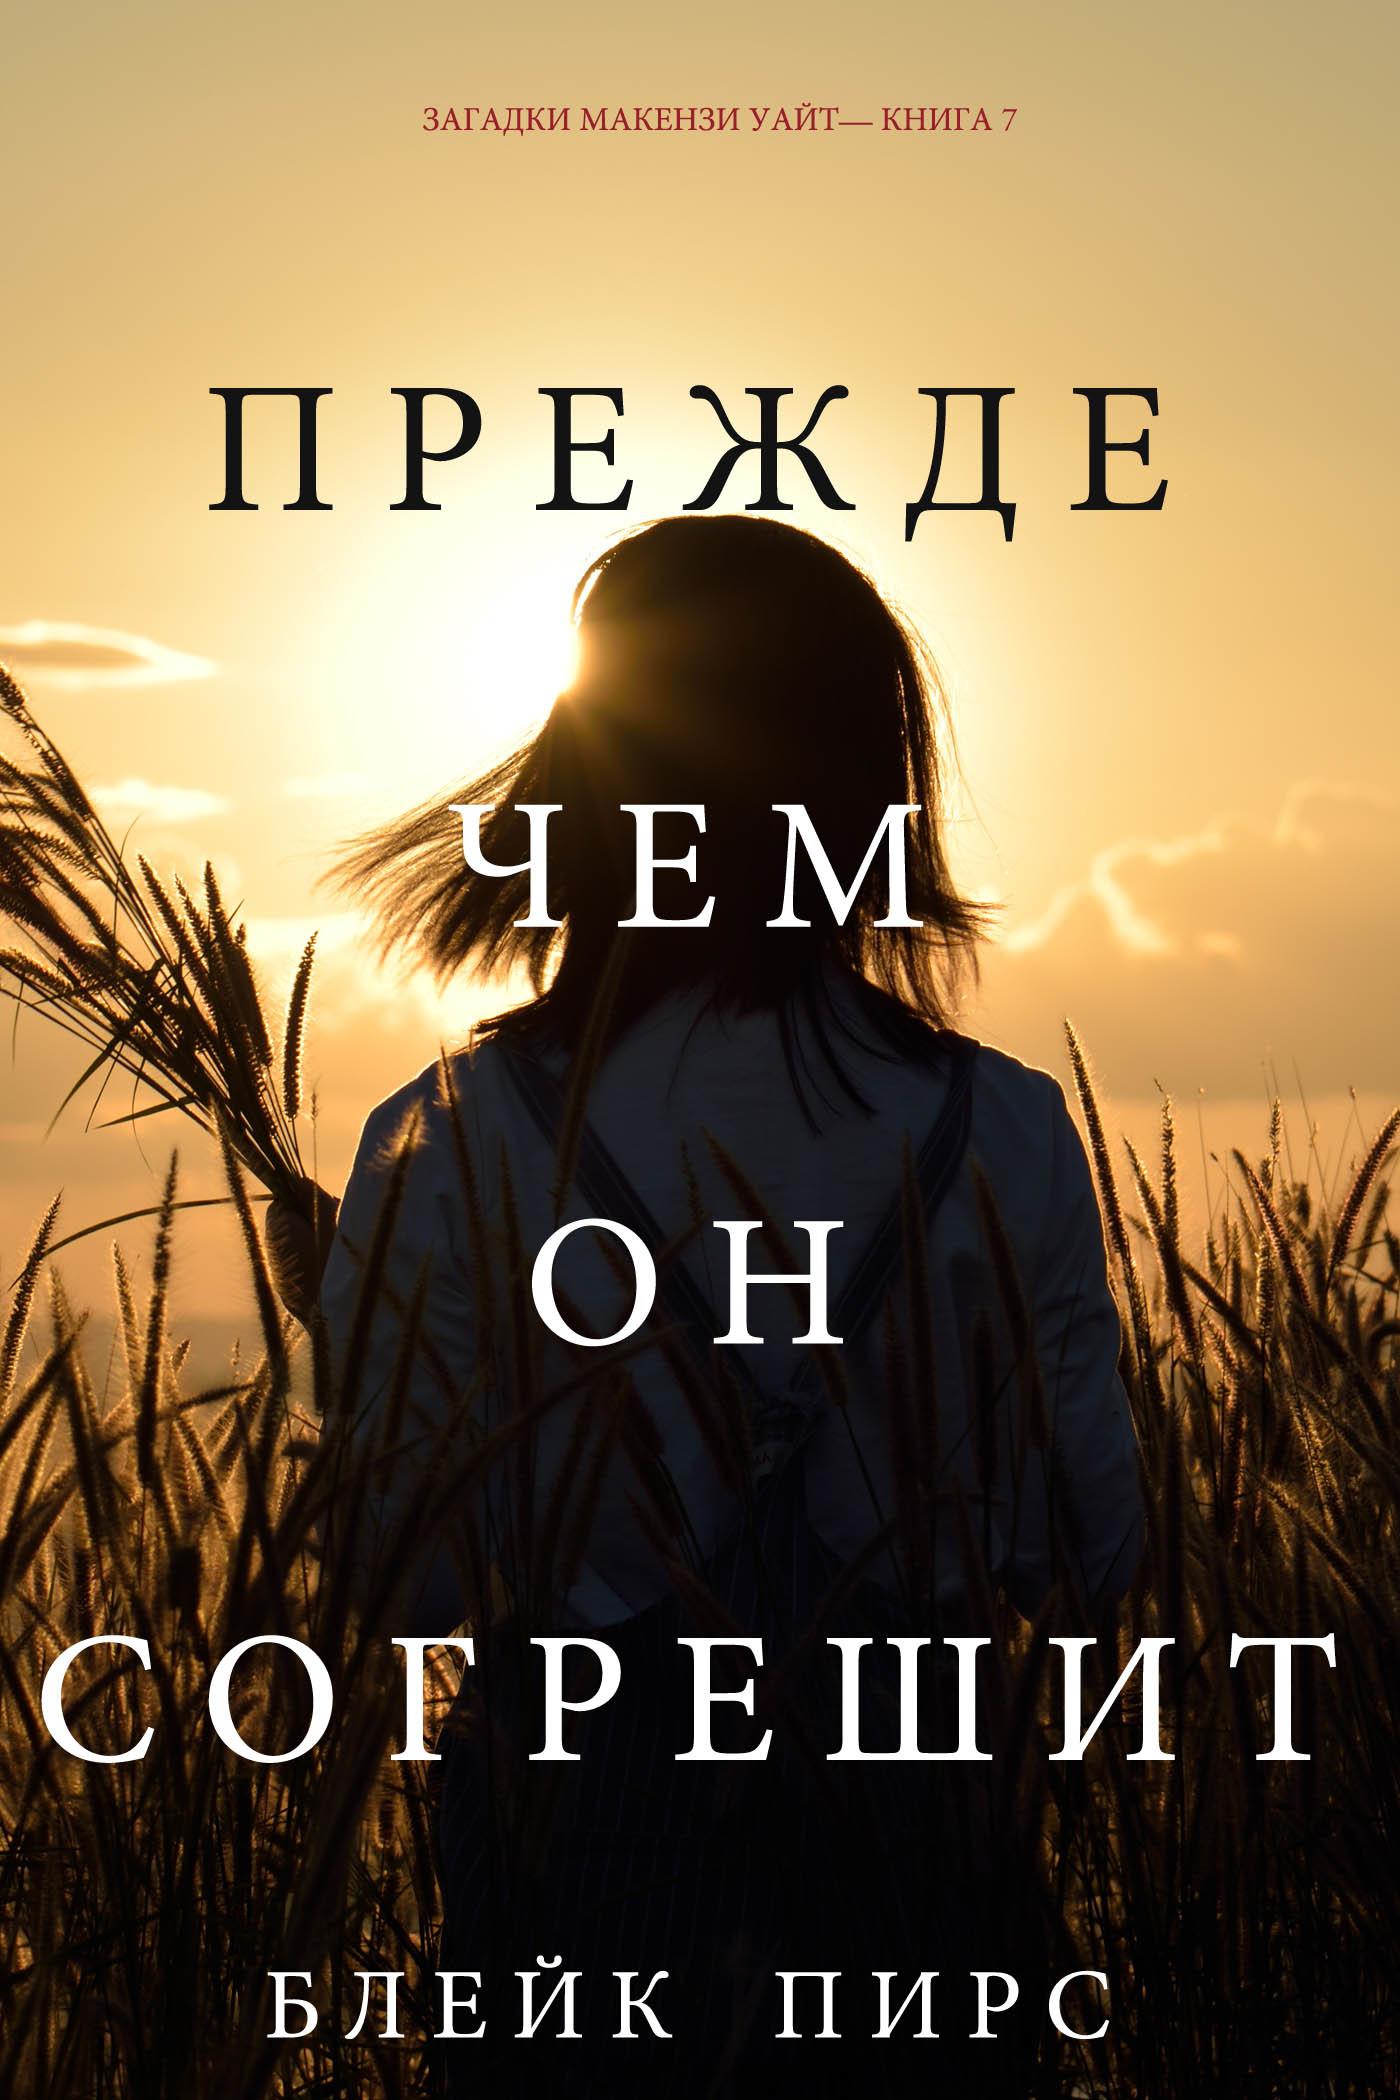 ПИРС БЛЕЙК КНИГИ СКАЧАТЬ БЕСПЛАТНО